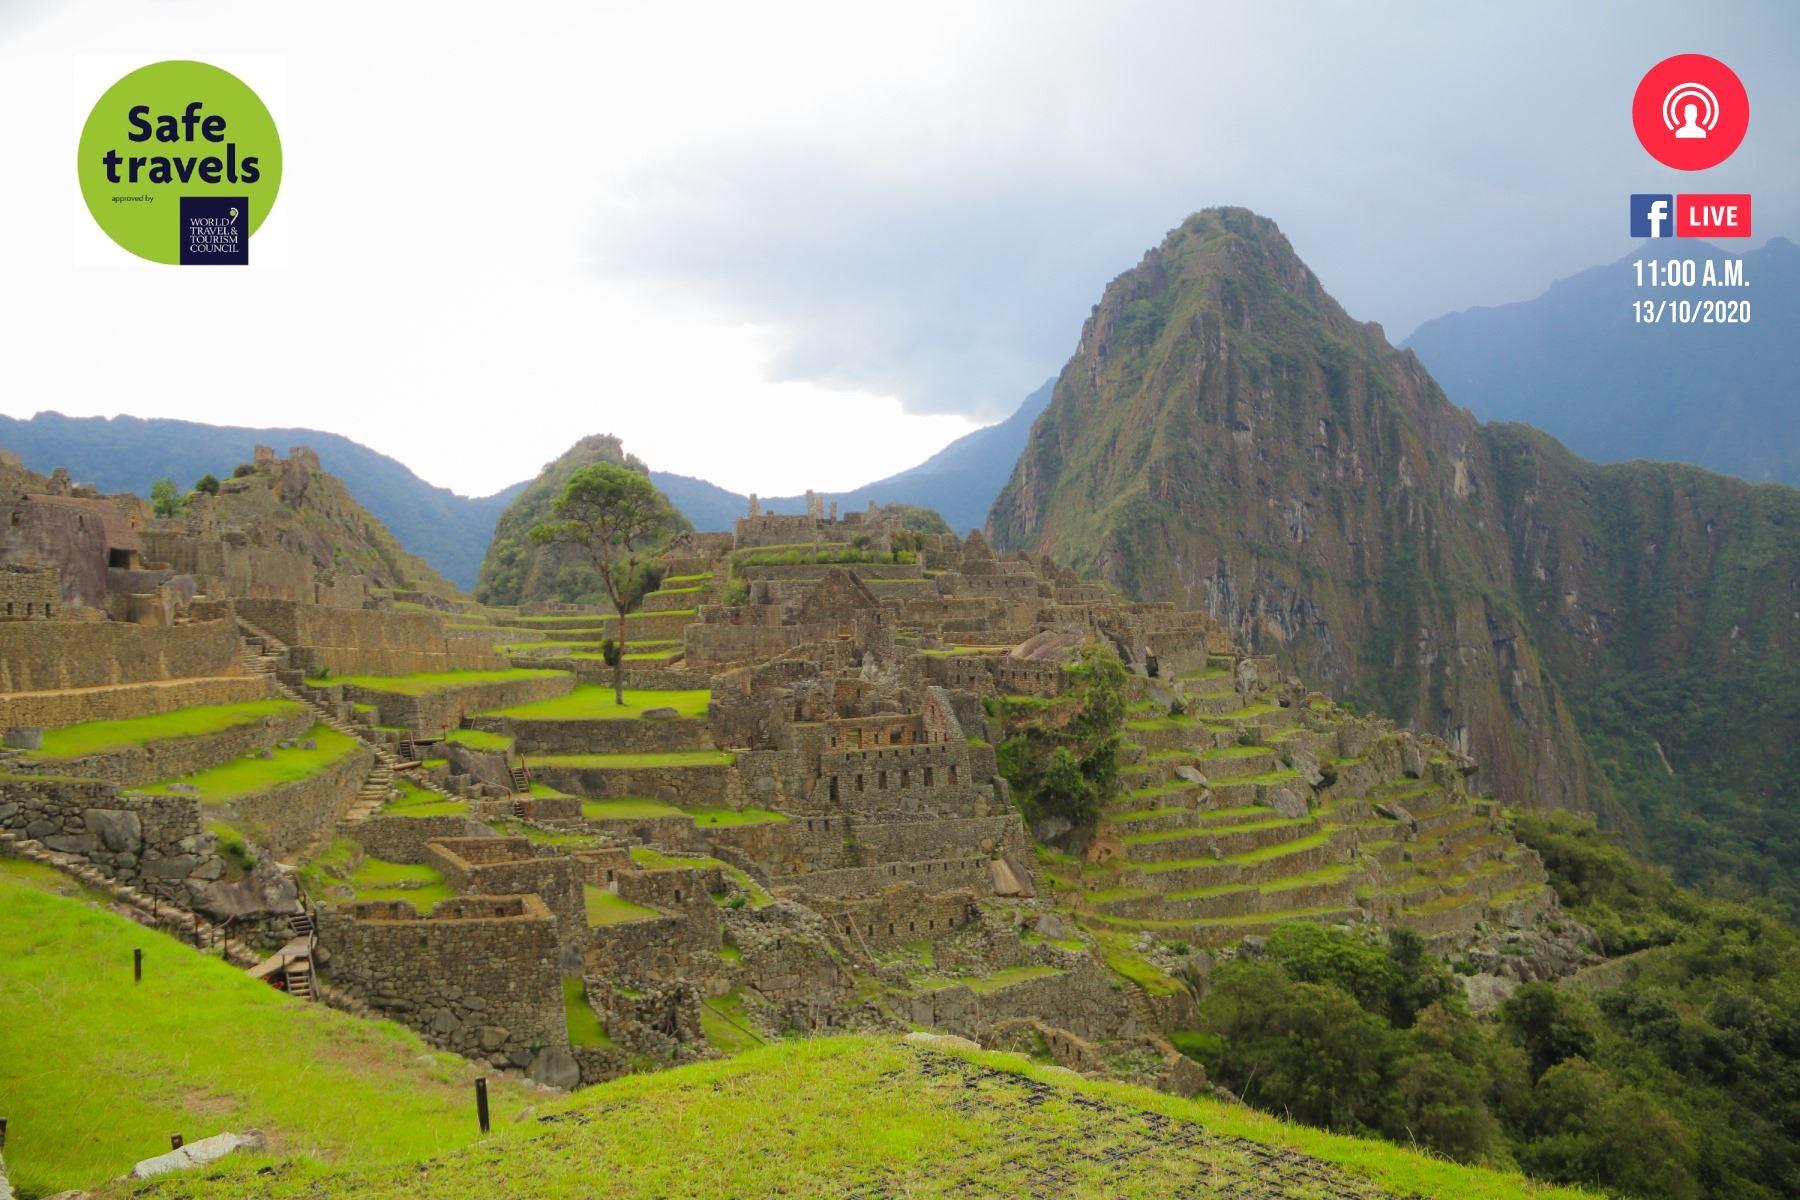 Machu Picchu, el icono turístico de Perú, fue el primer atractivo en recibir el sello Safe Travels que lo reconoce como destino seguro ante la covid-19. ANDINA/Difusión